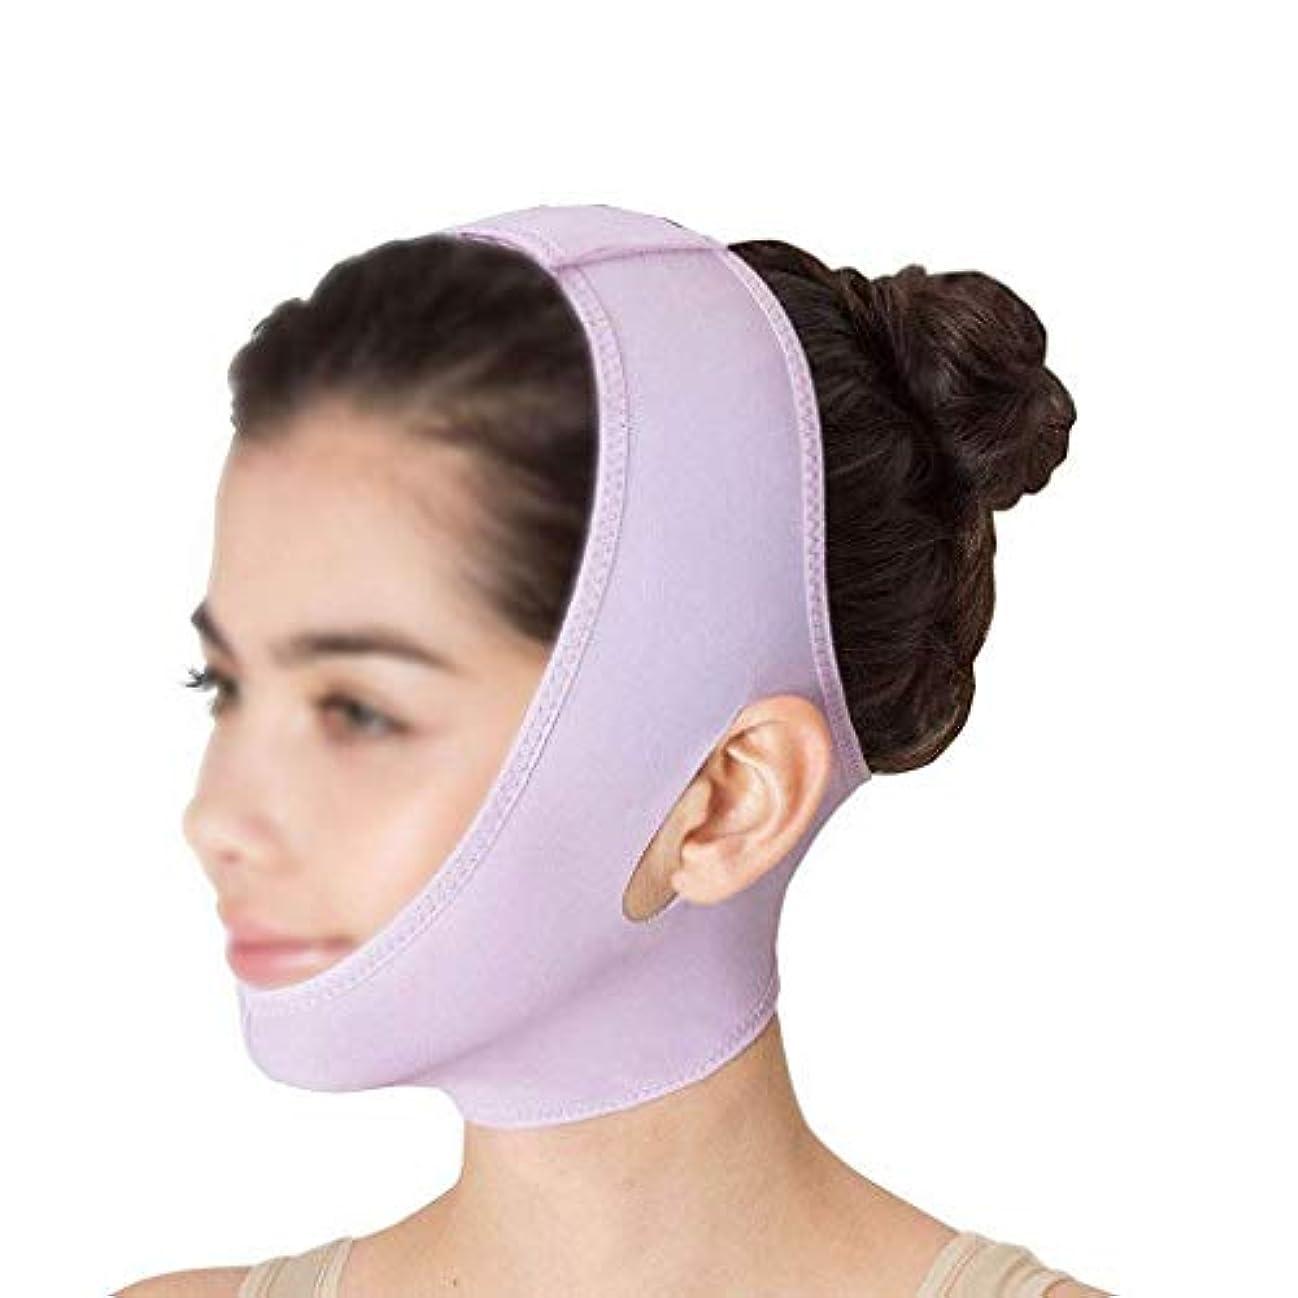 アドバイス彼らのもの主導権薄いフェイスマスク ビームフェイス、薄いダブルチンでスリーピングマスクの下の頬を防ぎ、小さなVフェイスを作成